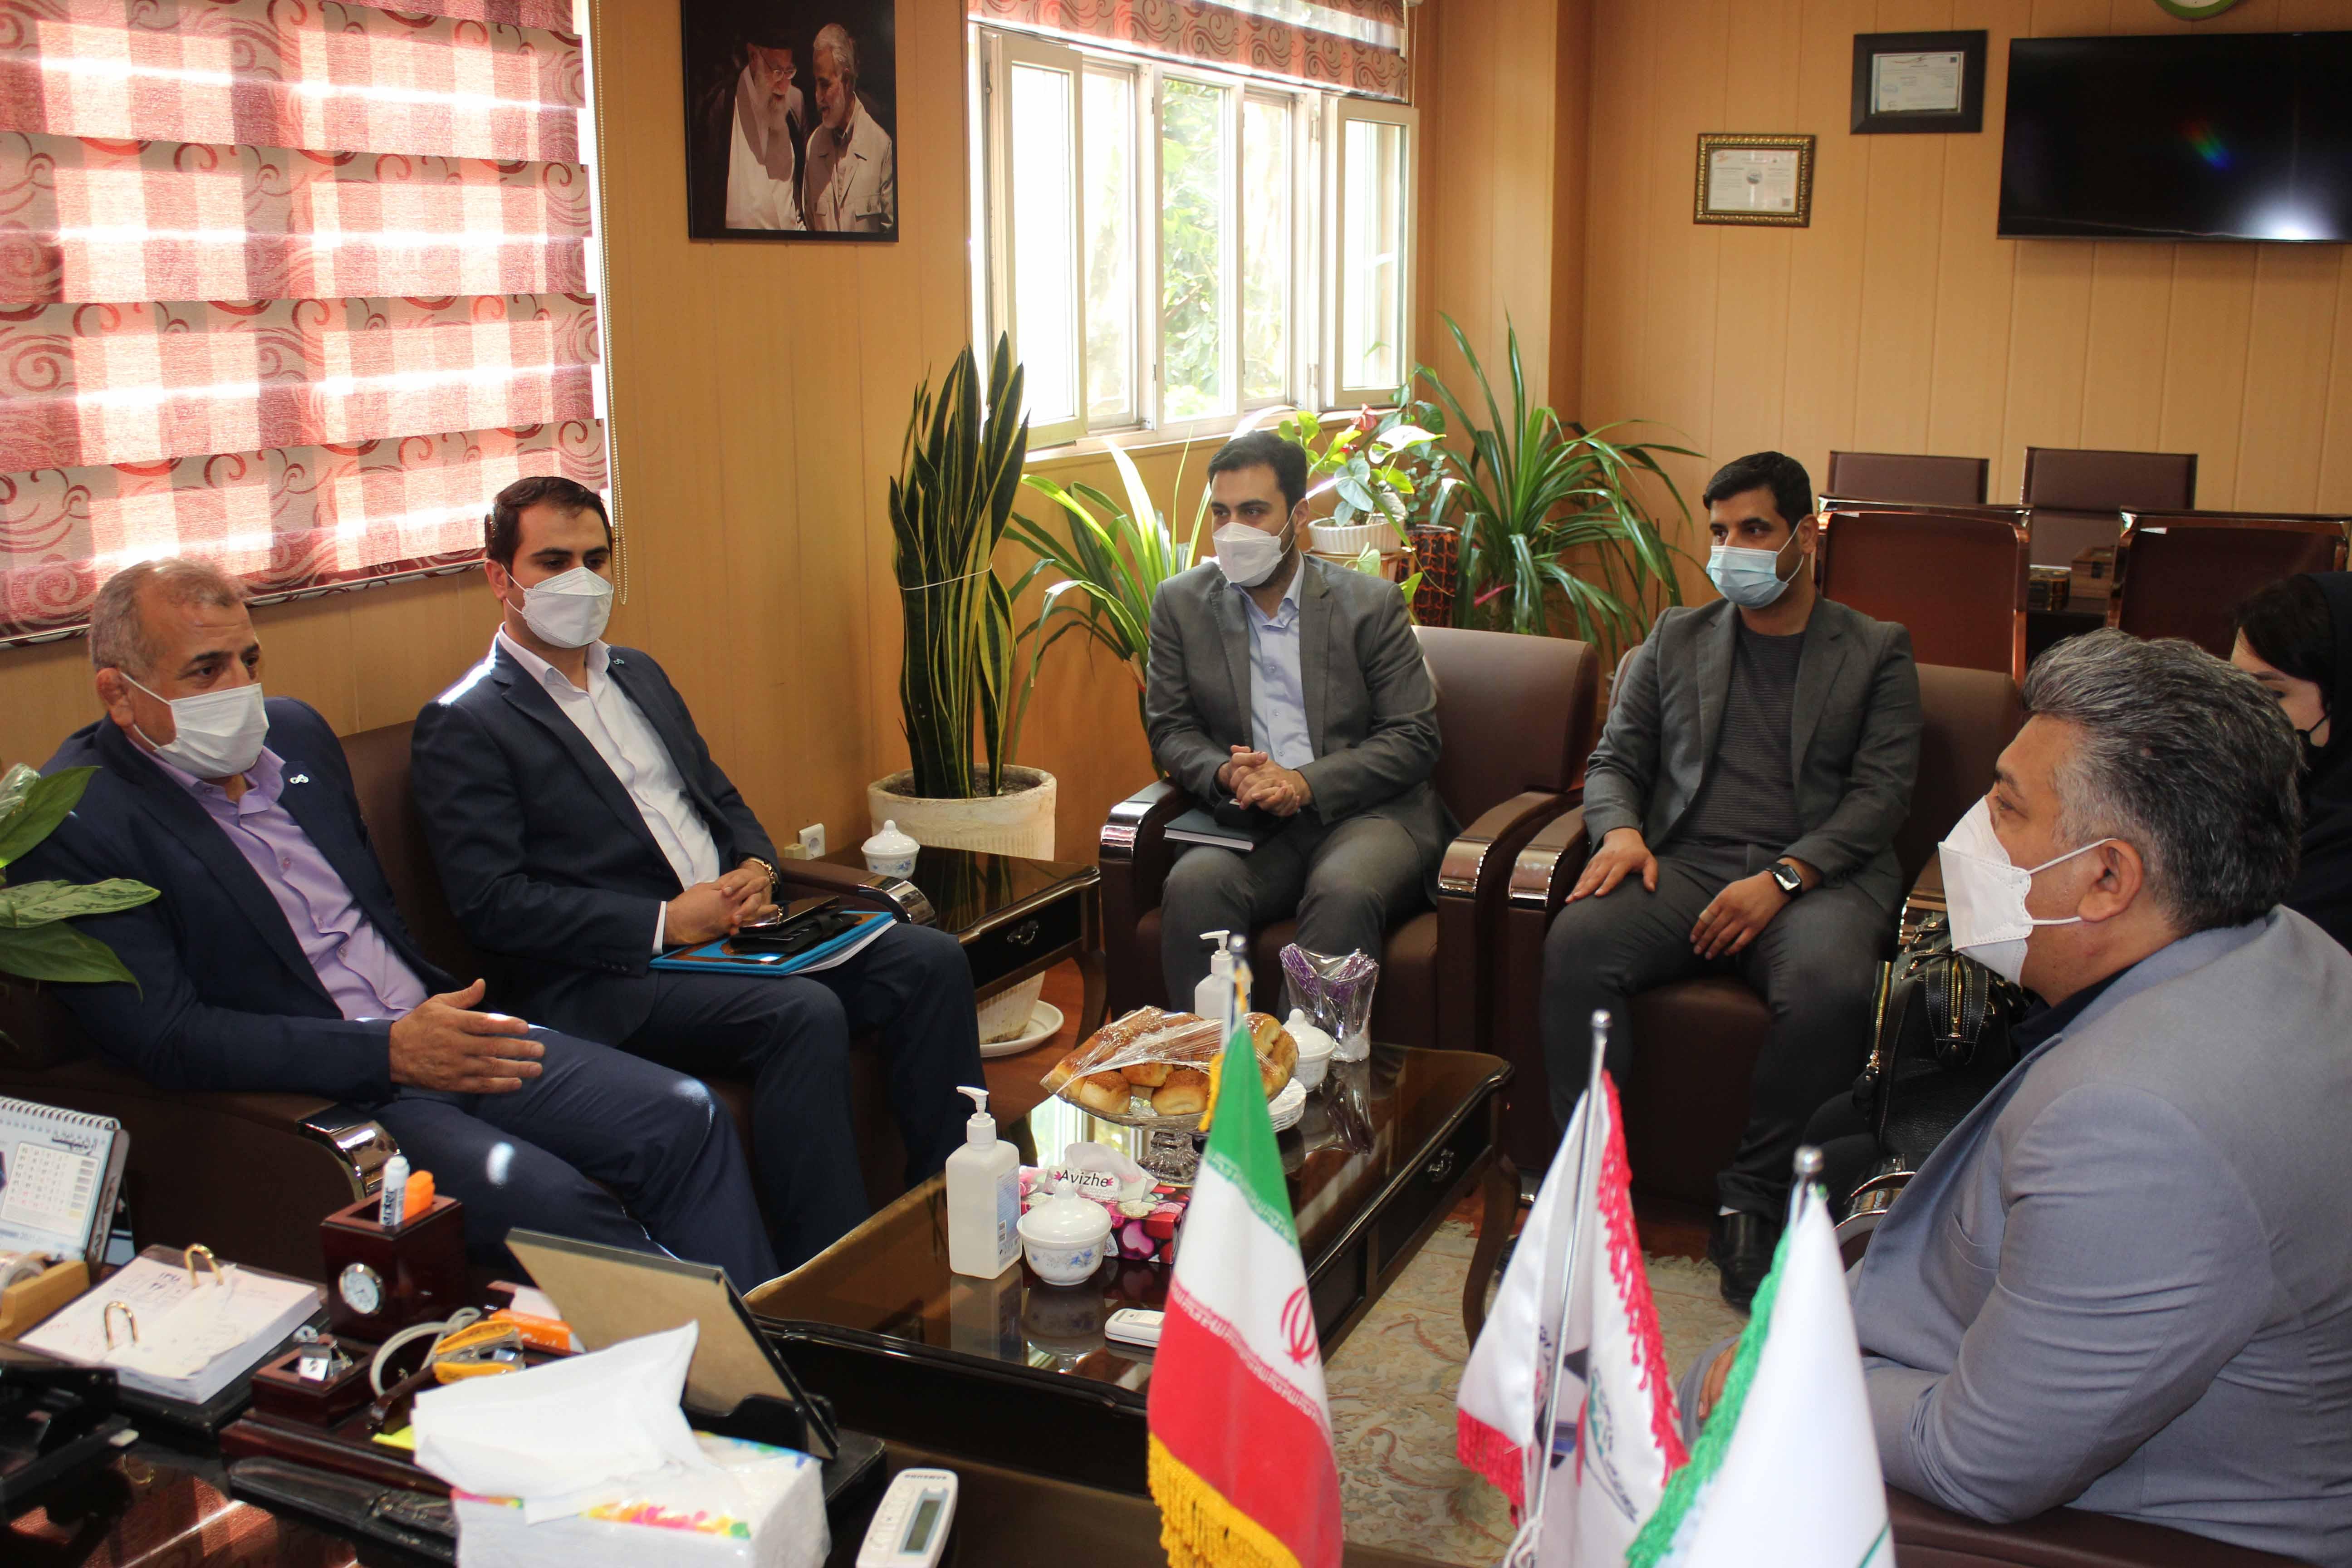 دیدار مدیران ارشد بانک دی از بیمارستان میلاد شهریار